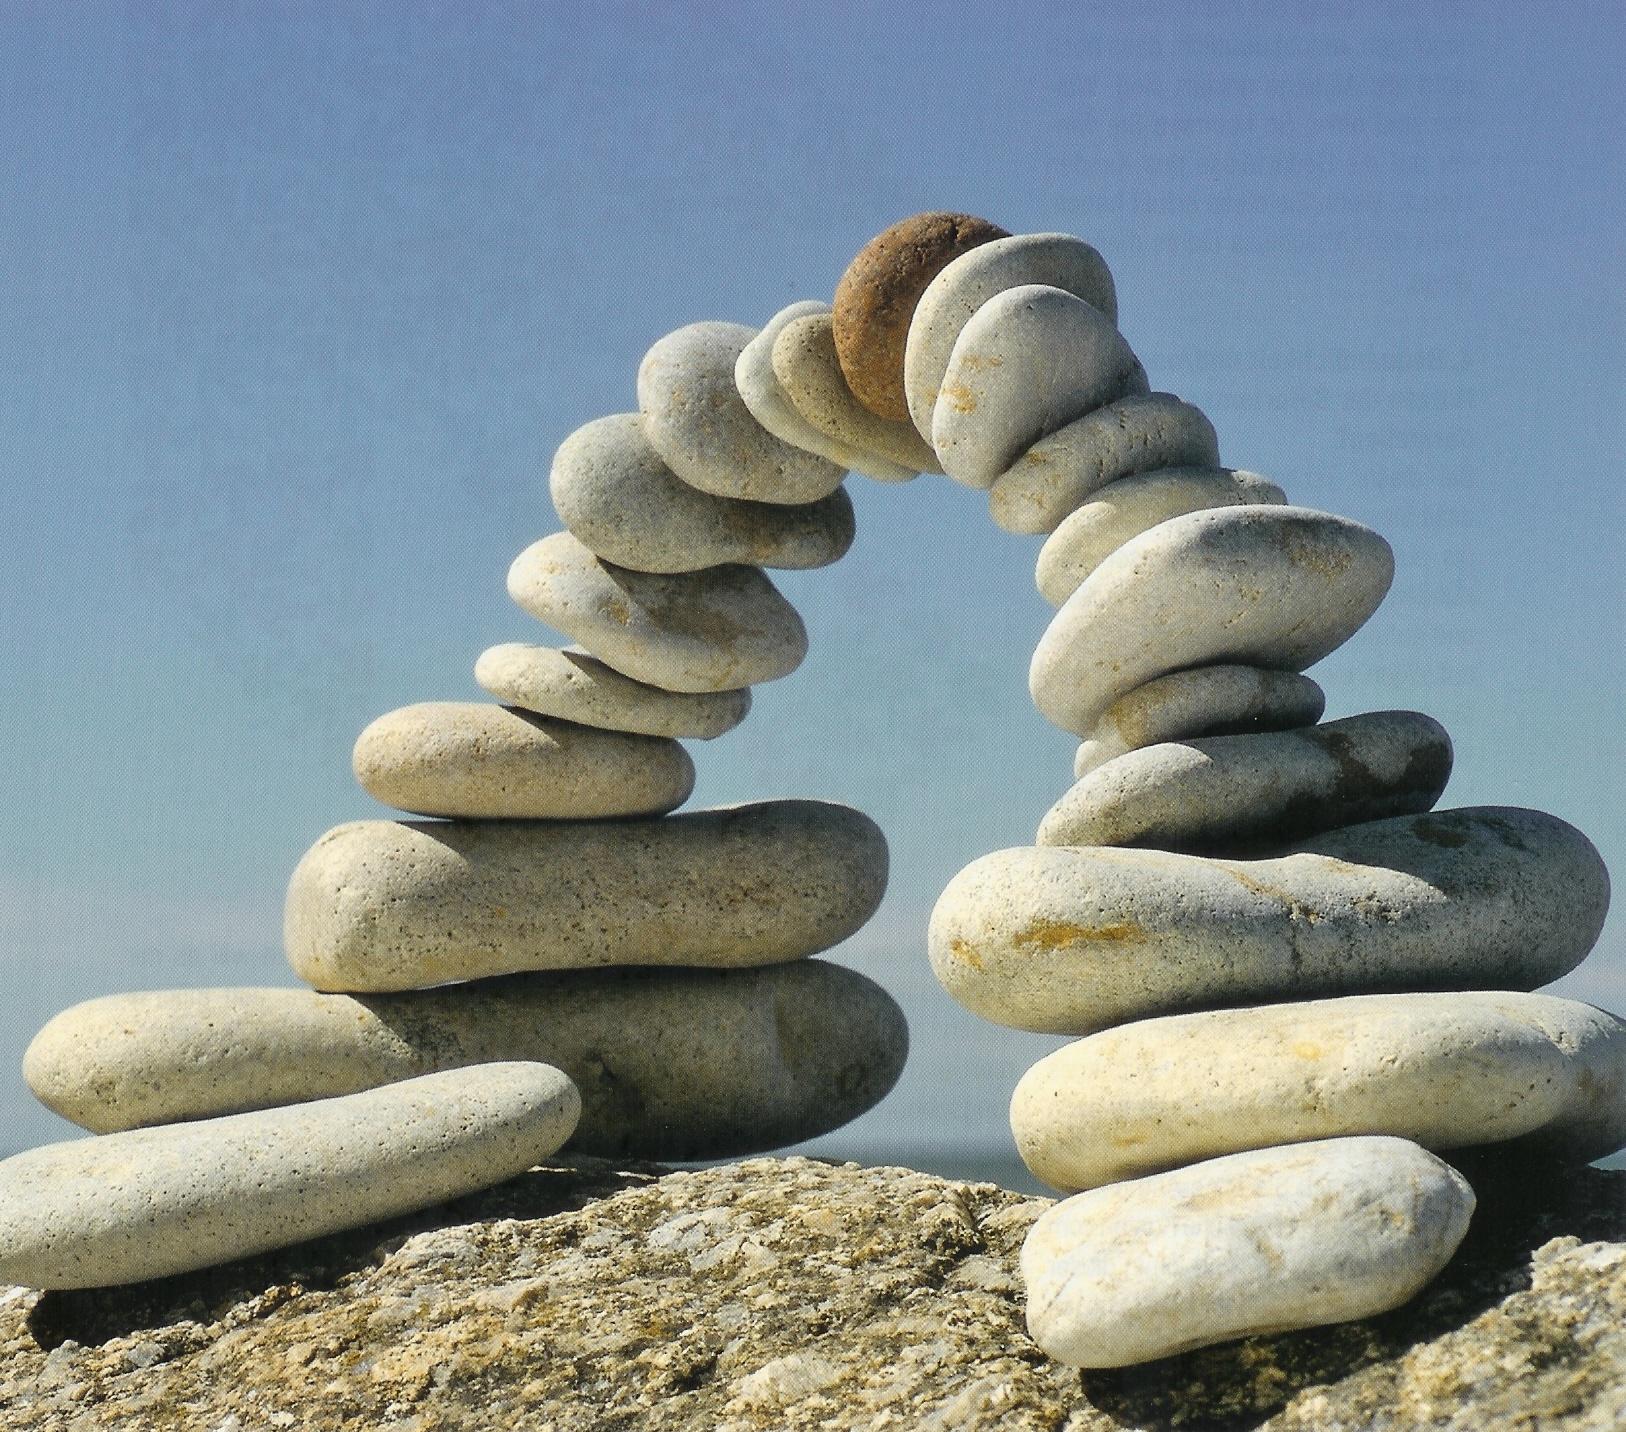 Personalmarketing Peter Freitag Steine Balance